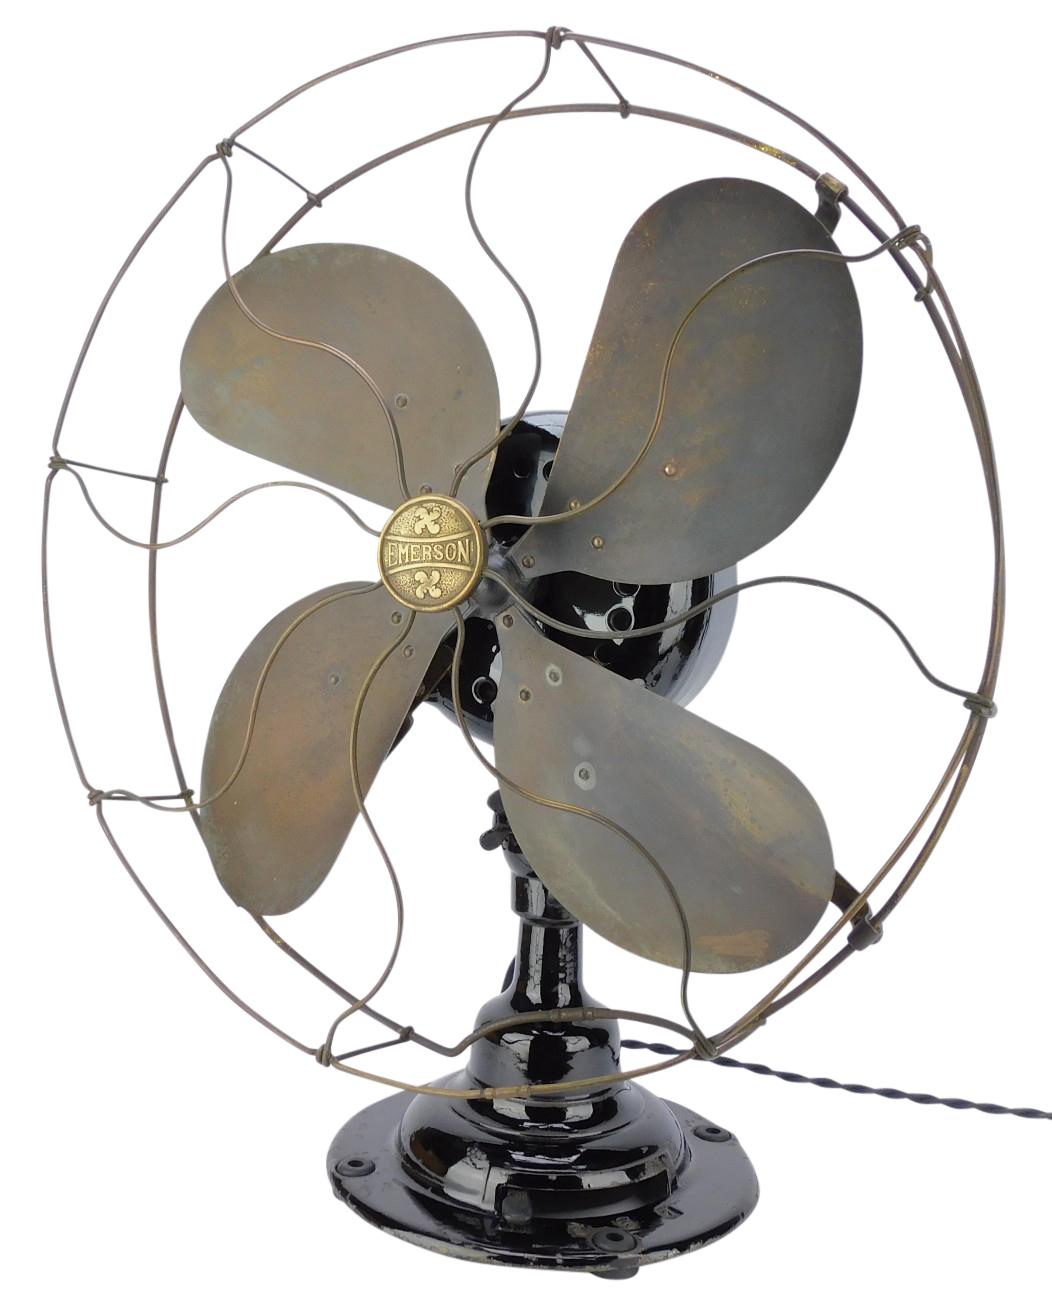 """Circa 1912 16"""" Emerson 16648 Lever Oscillating Desk Fan"""